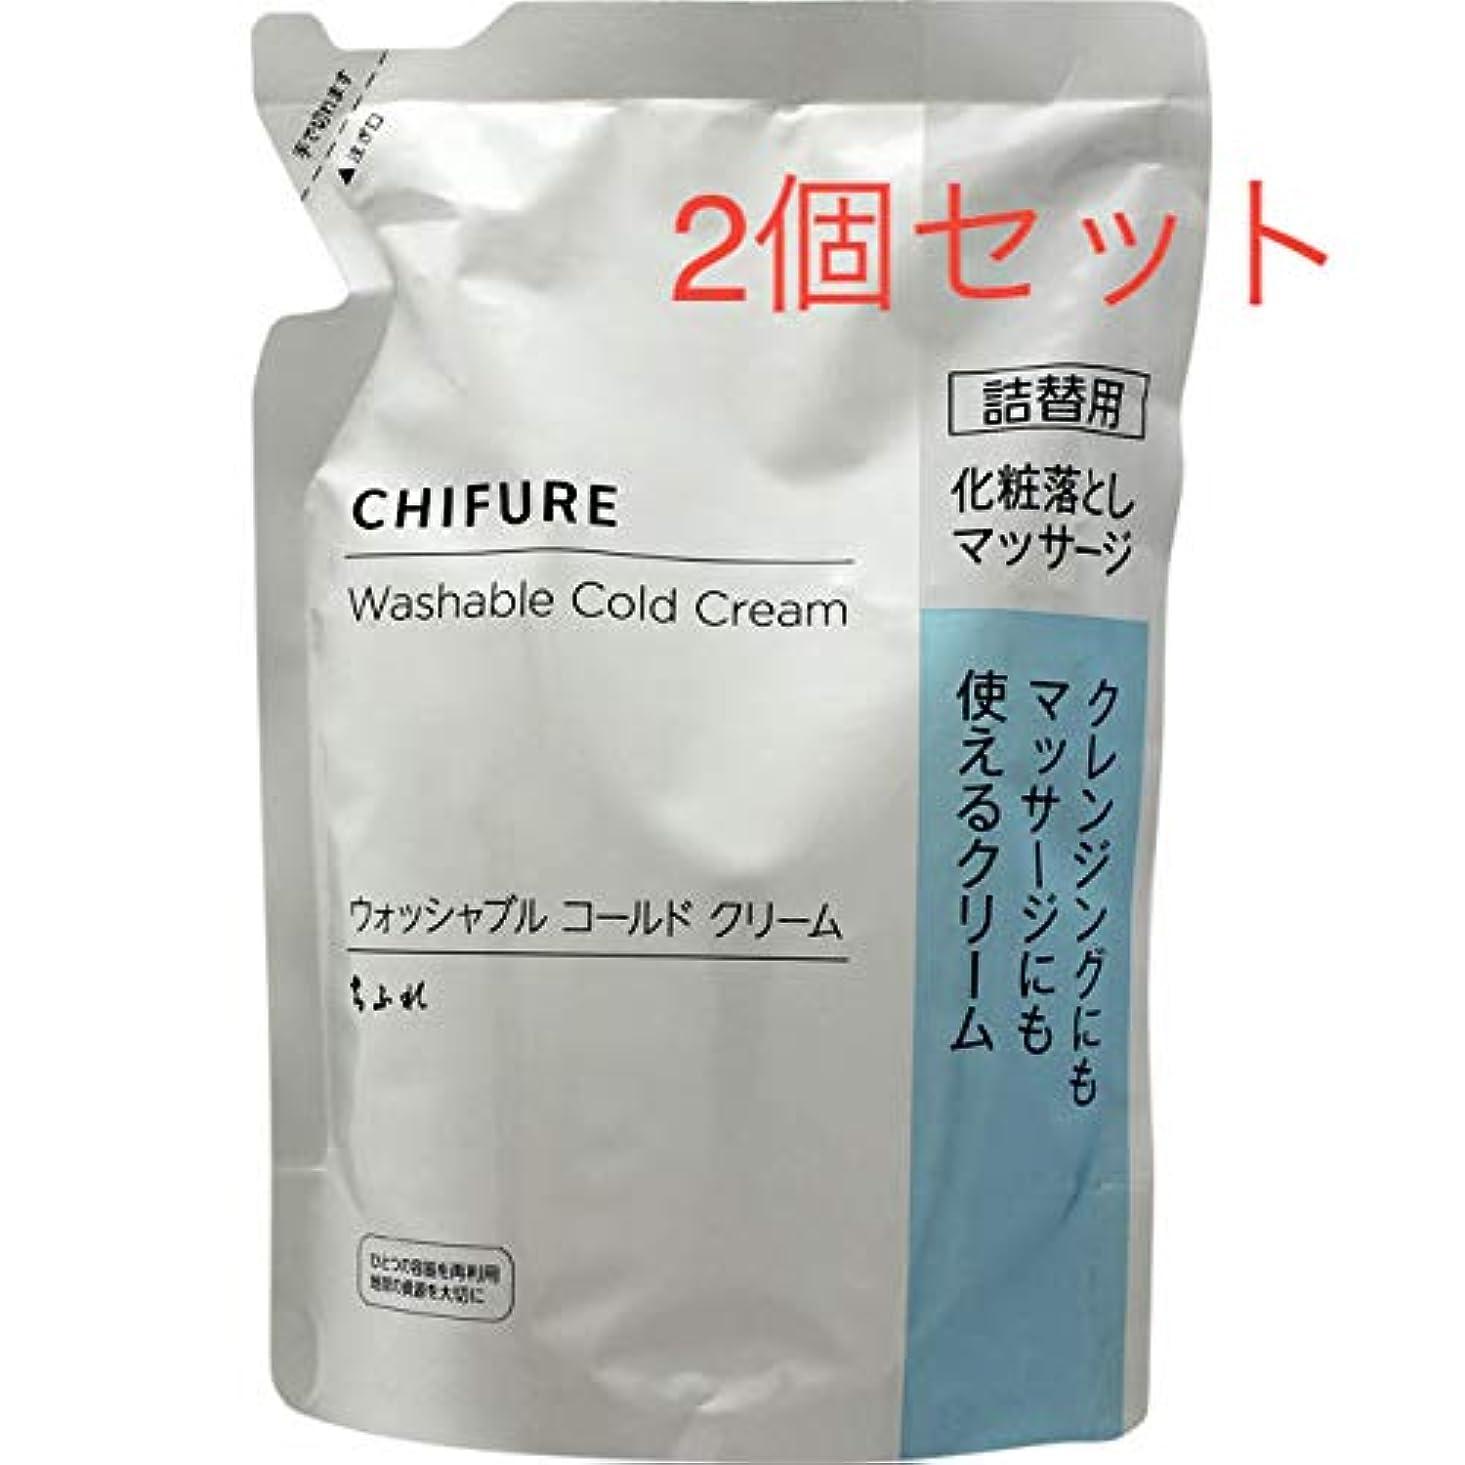 ファブリックセットアップ嫌がらせちふれ化粧品 ウォッシャブルコールドクリームN詰替 300g 2個セット